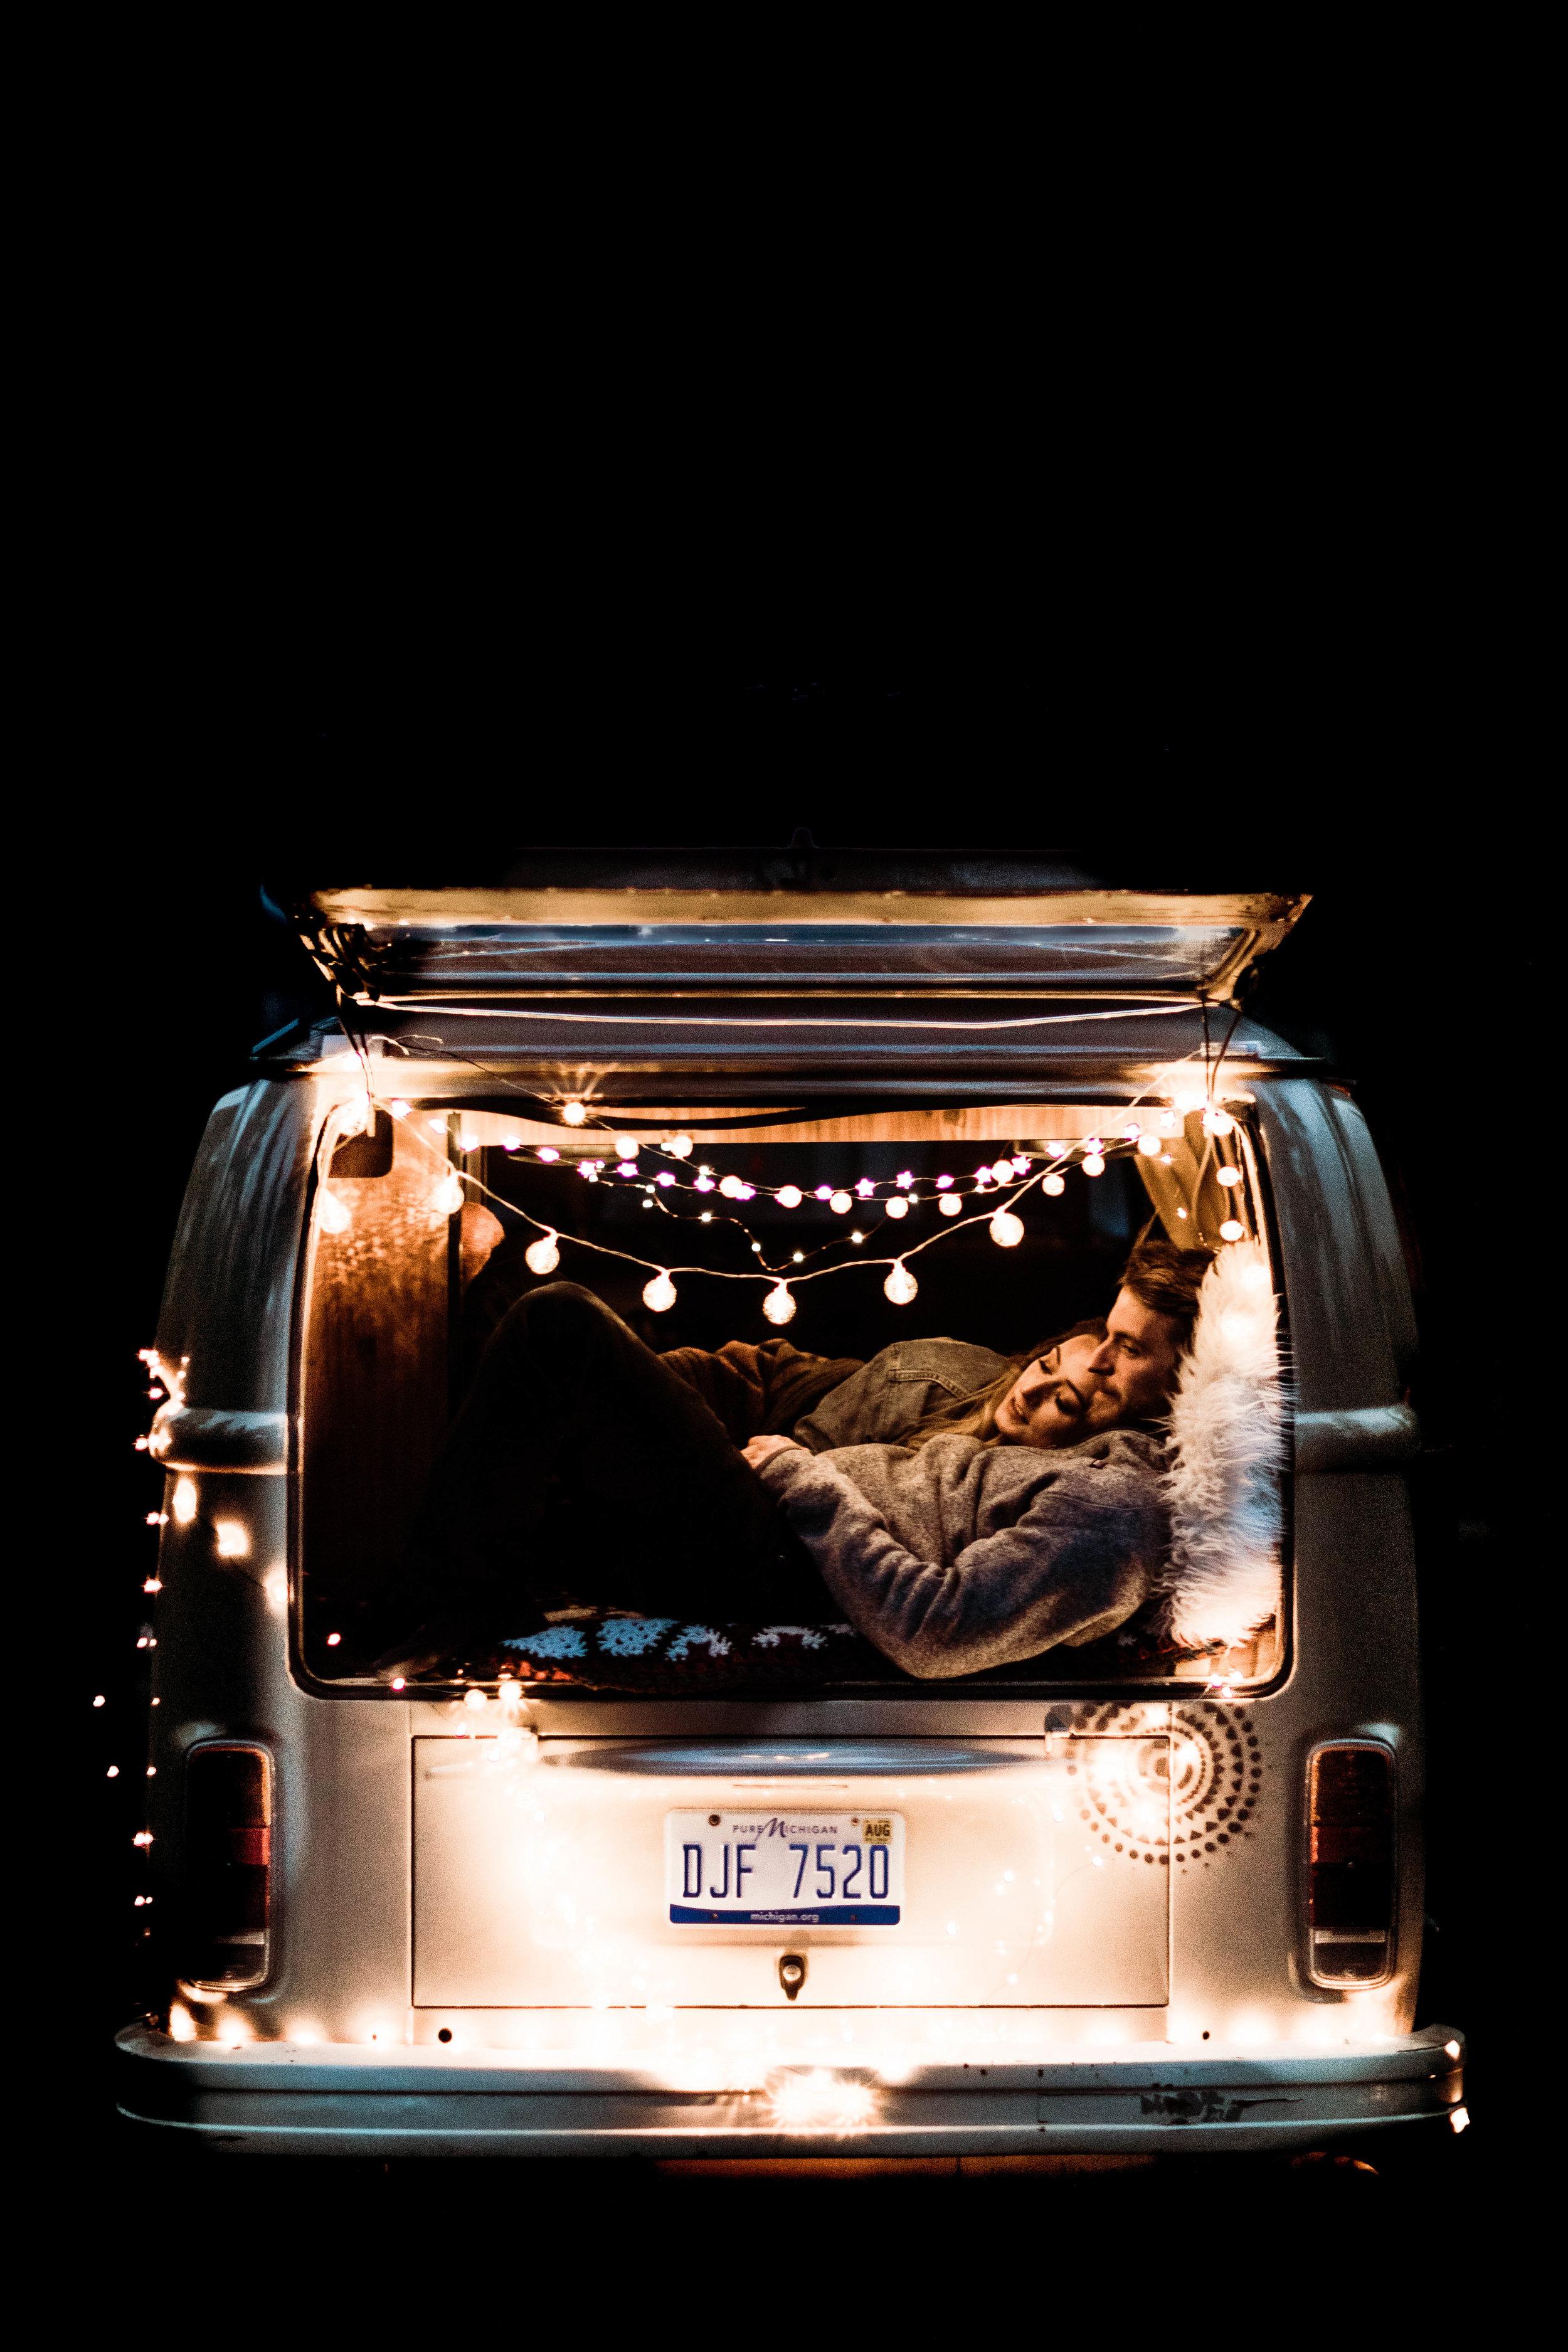 post elopement couples photos inside a vintage camper van | adventure elopement photographers